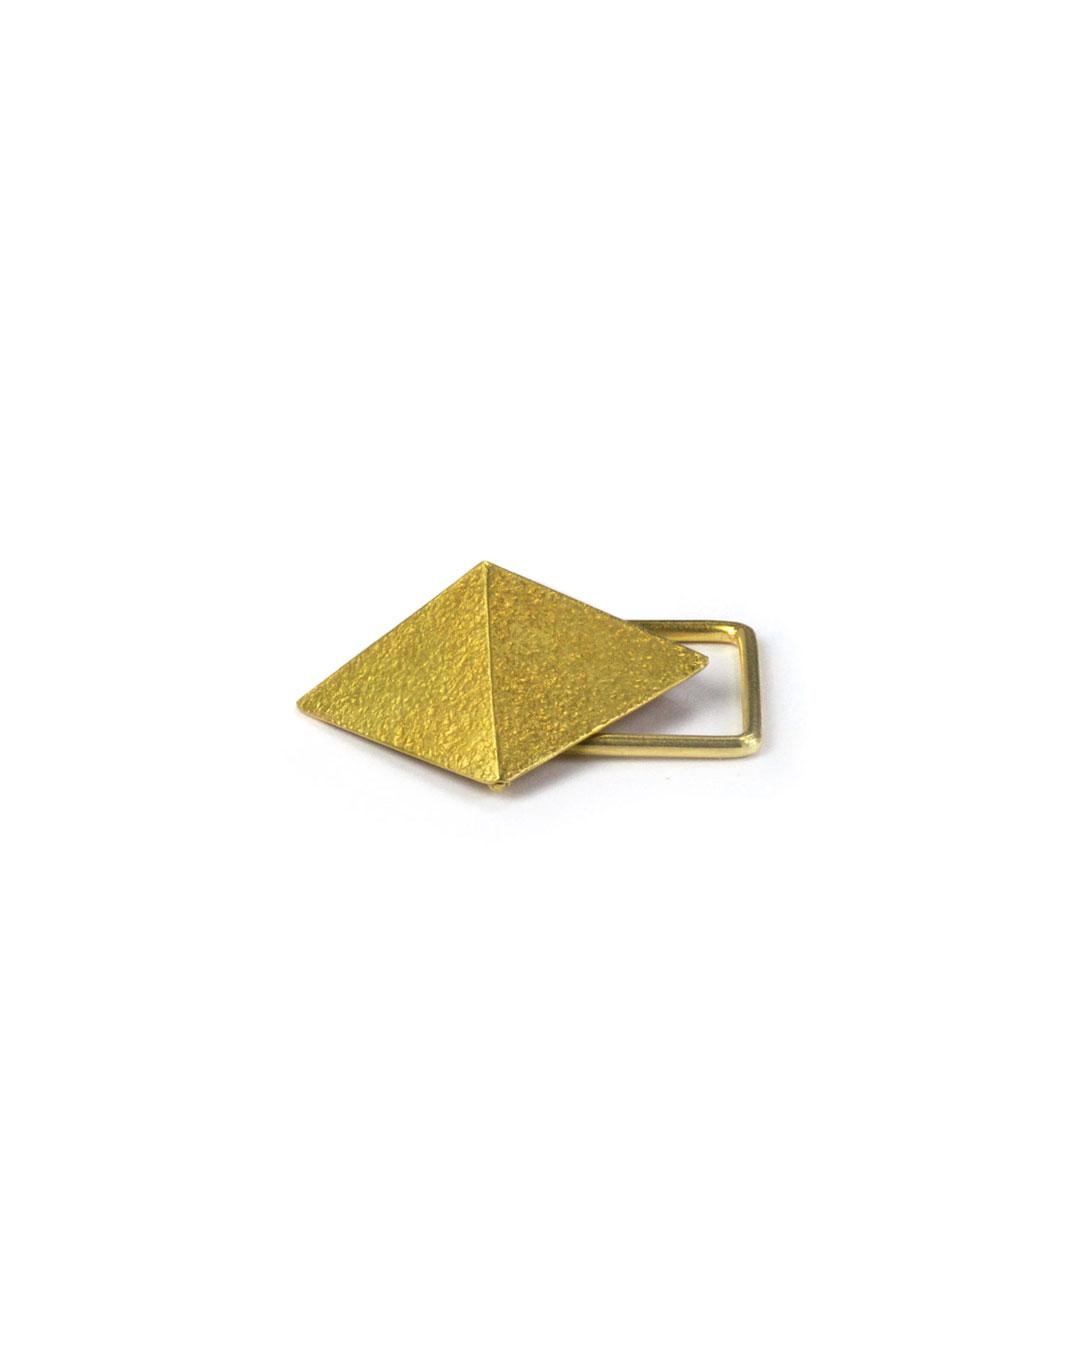 Okinari Kurokawa, untitled, 2007, ring; 20ct gold, stainless steel, 38 x 30 x 18 mm